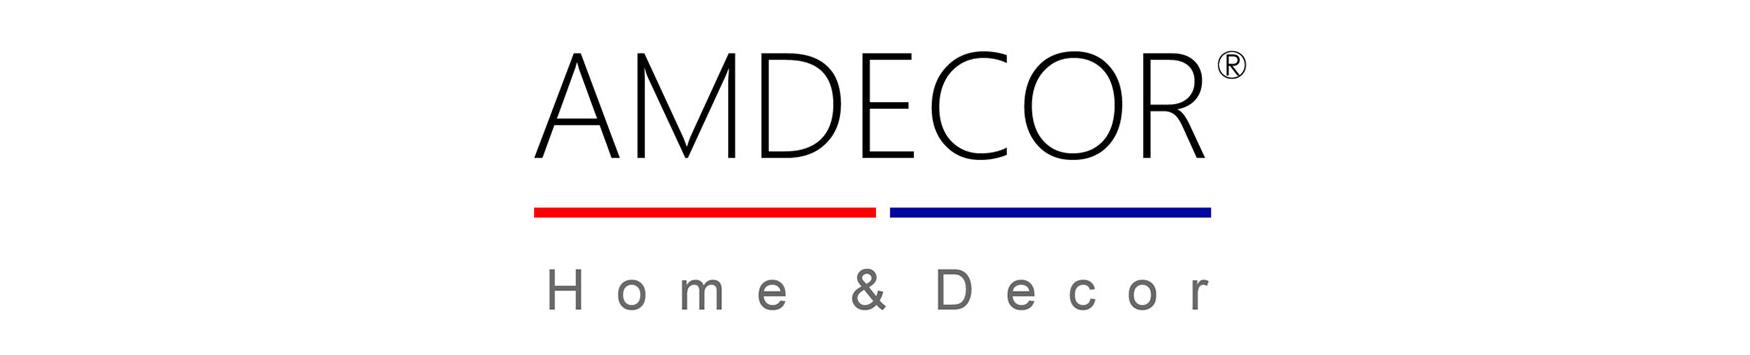 amdecor.us